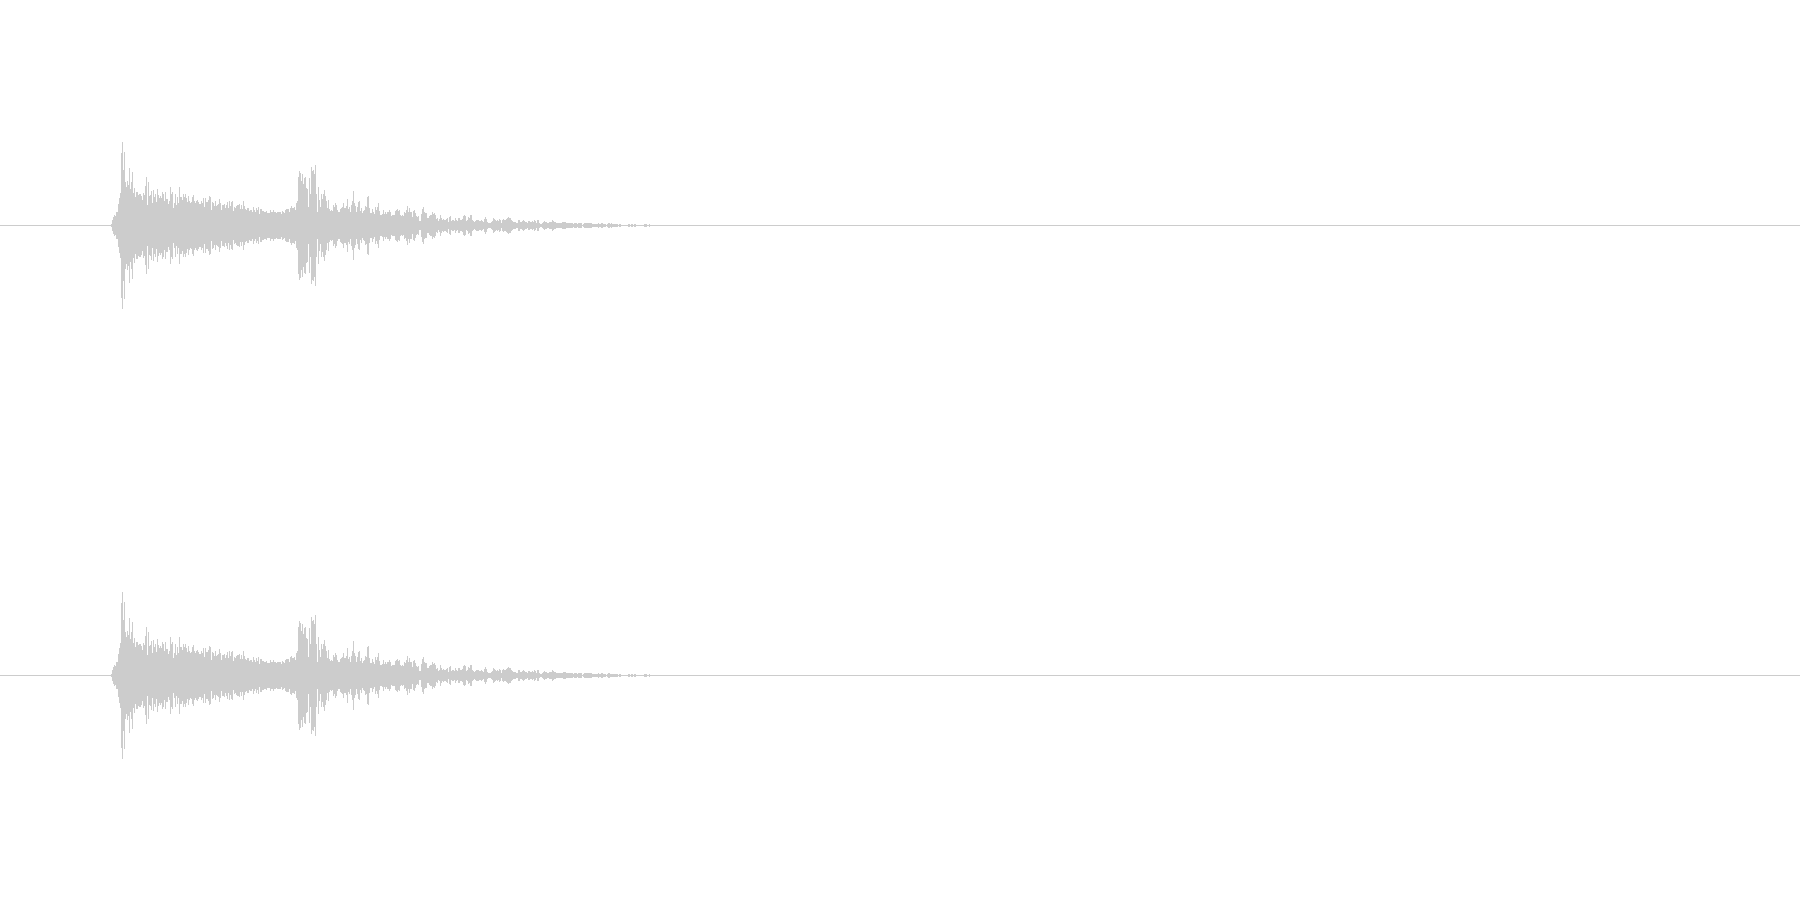 【アクセント40-1】の未再生の波形